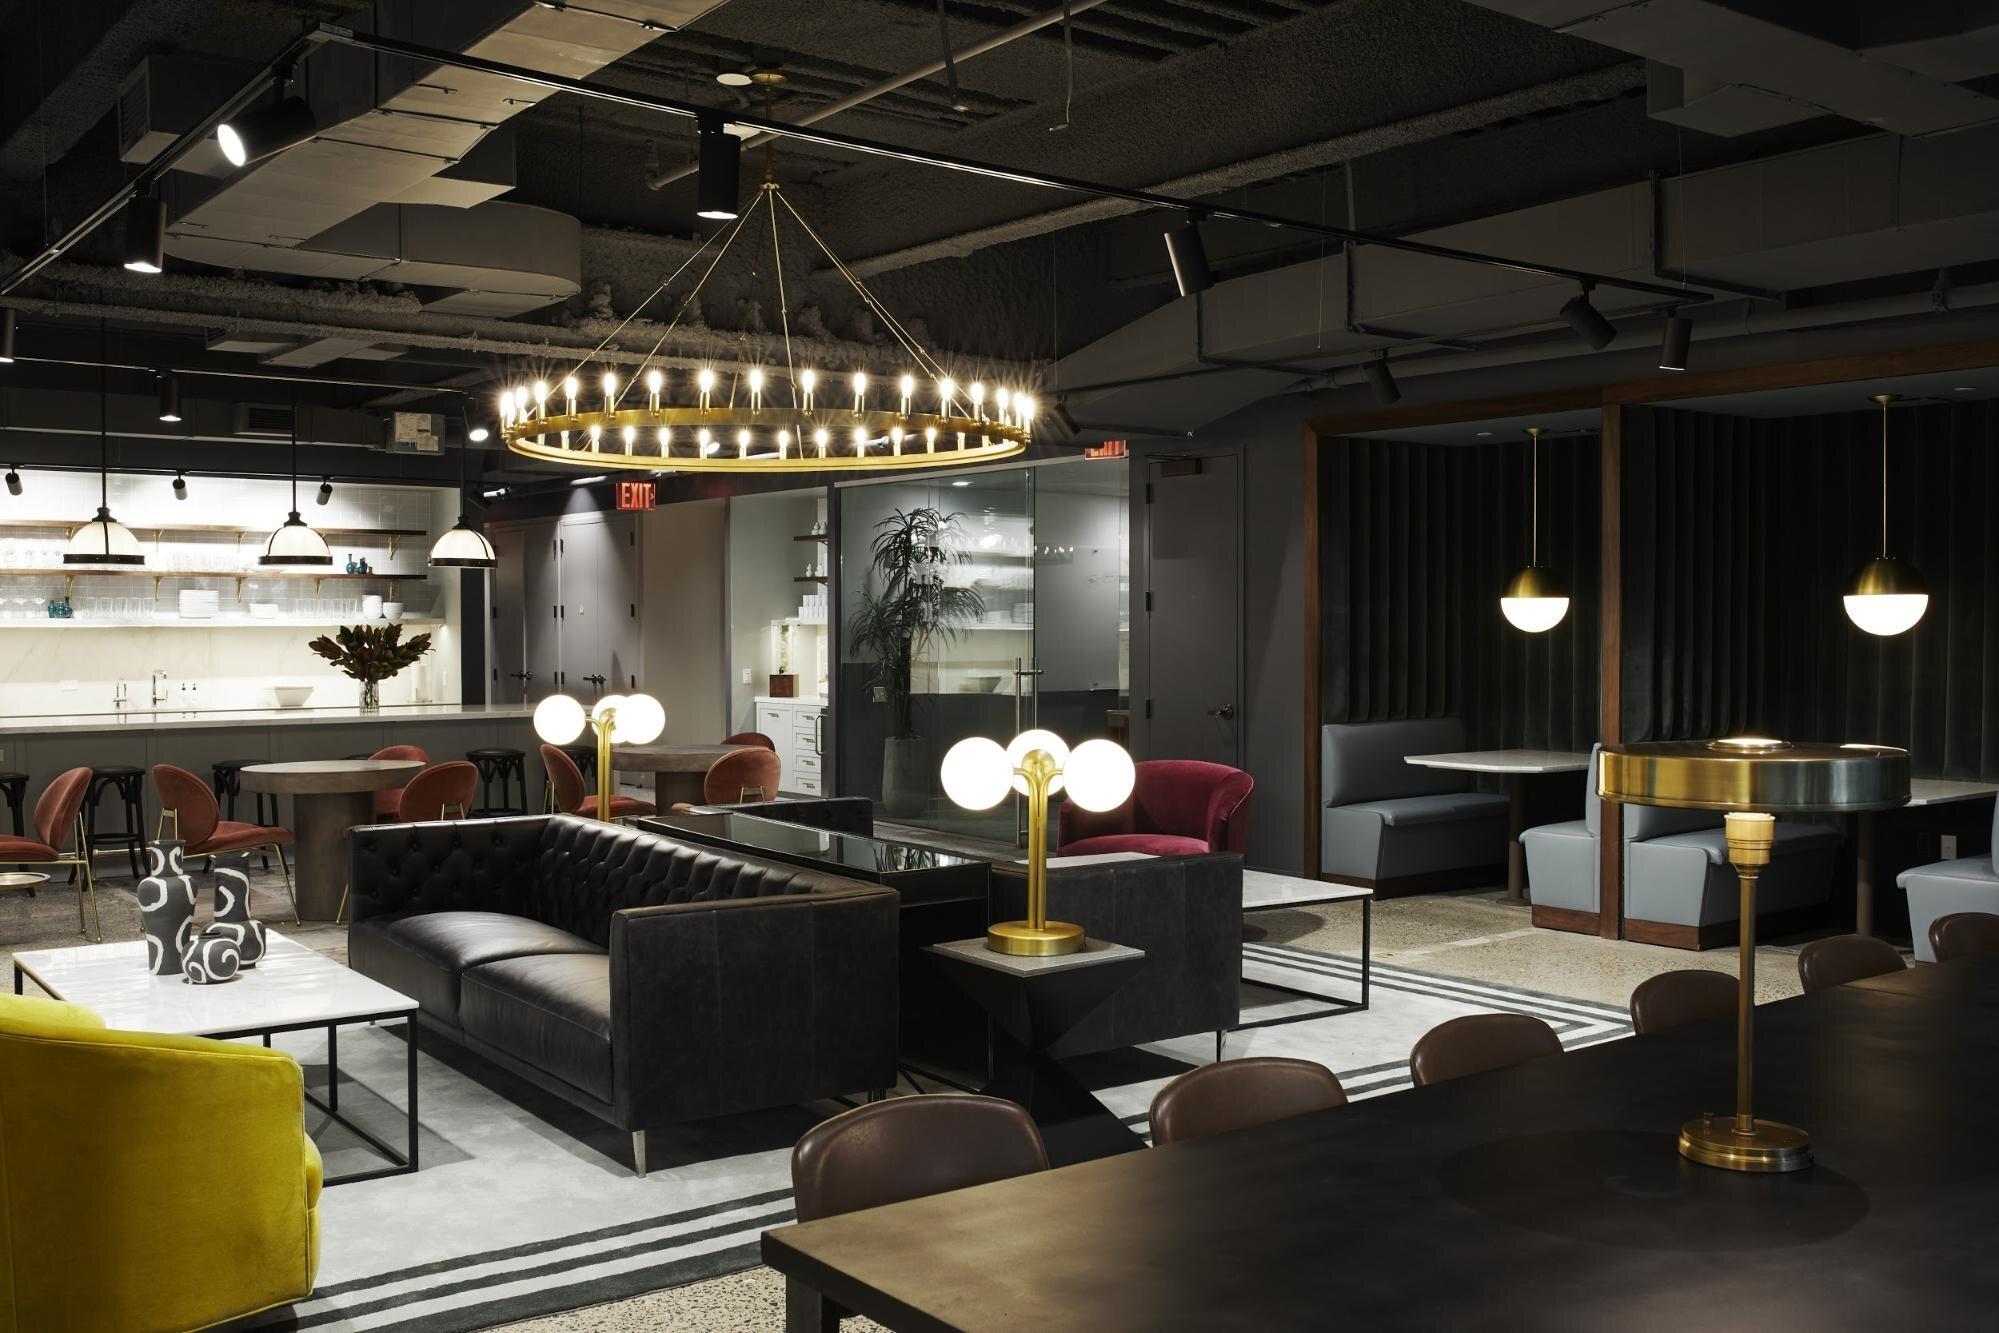 Workspace lounge area